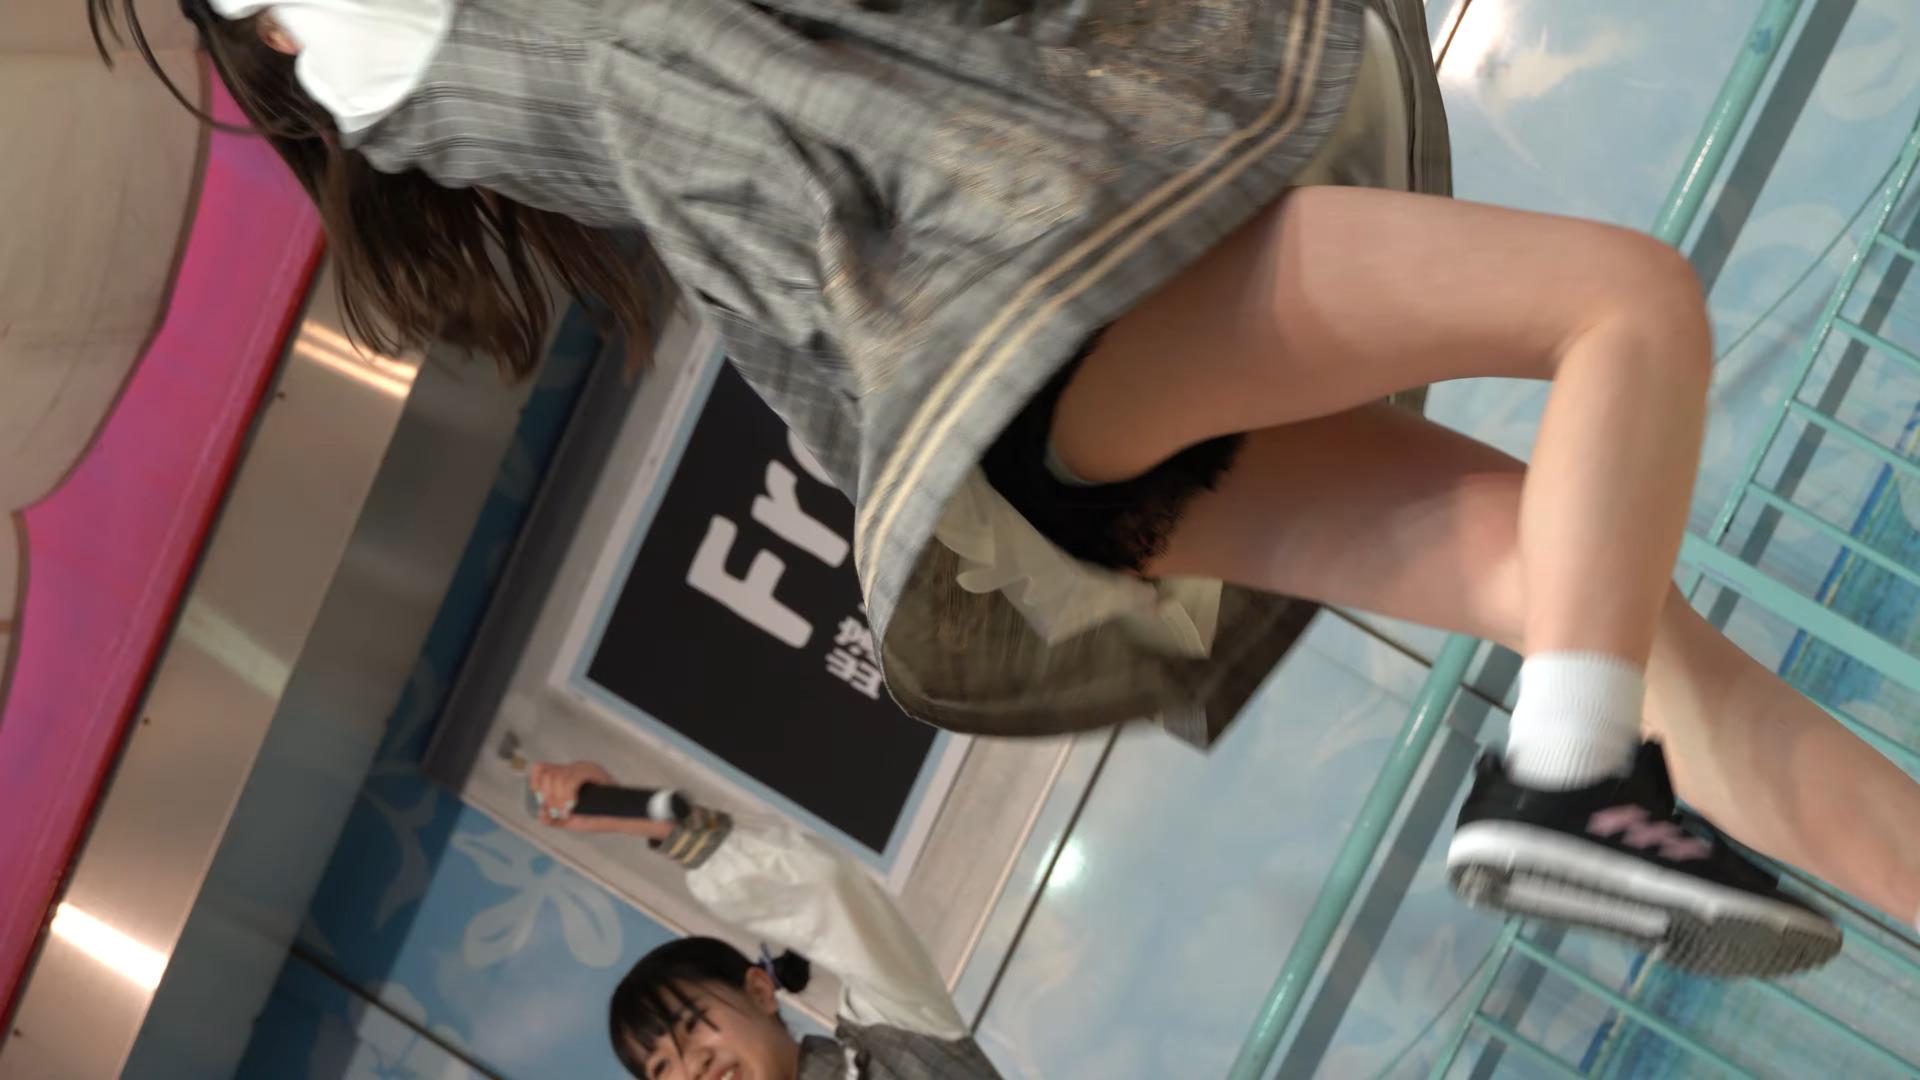 ぽけっとファントム/OSC湘南シティ(2020.1.19)【4K】 16:59